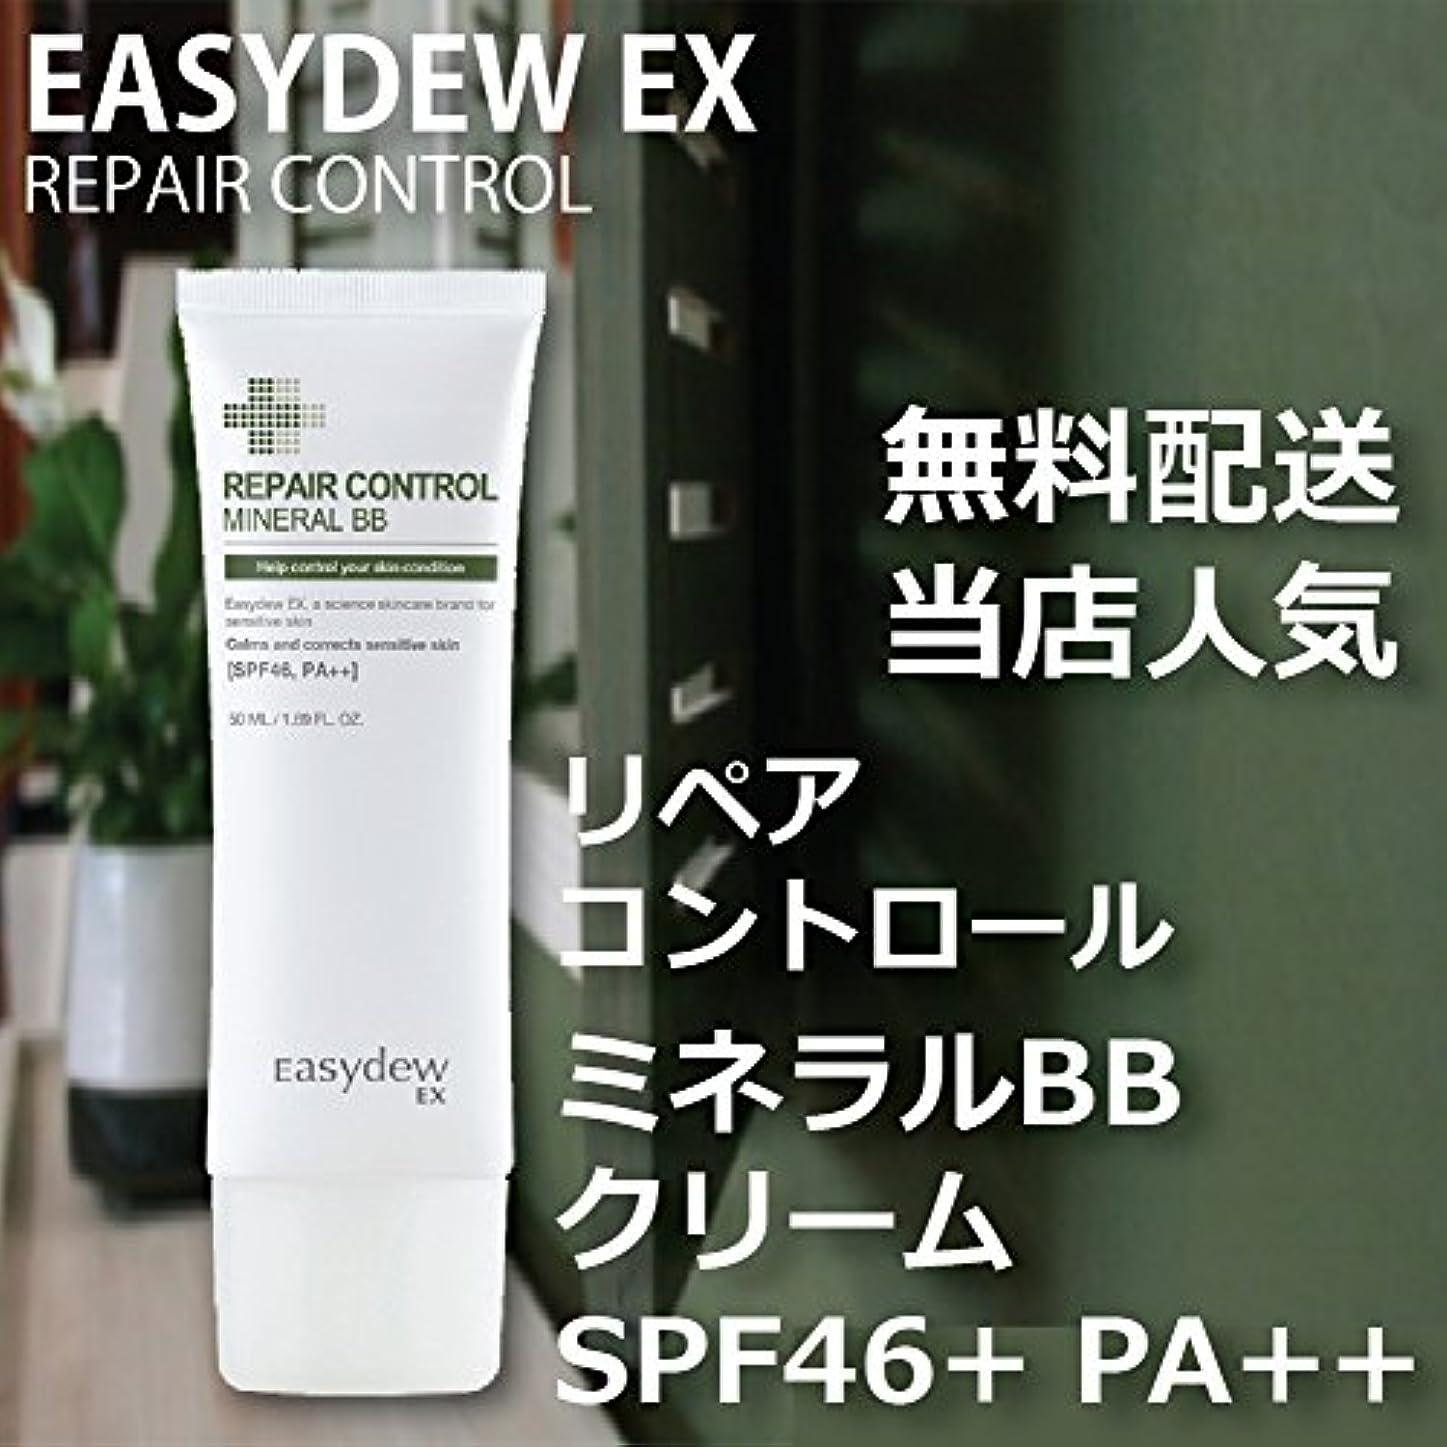 オデュッセウス尊厳更新EASY DEW EX ミネラル BBクリーム SPF46+ PA++ 50ml MINRAL BB CREAM 韓国 人気 コスメ イージーデュー 敏感 乾燥 美白 しわ 3重機能性